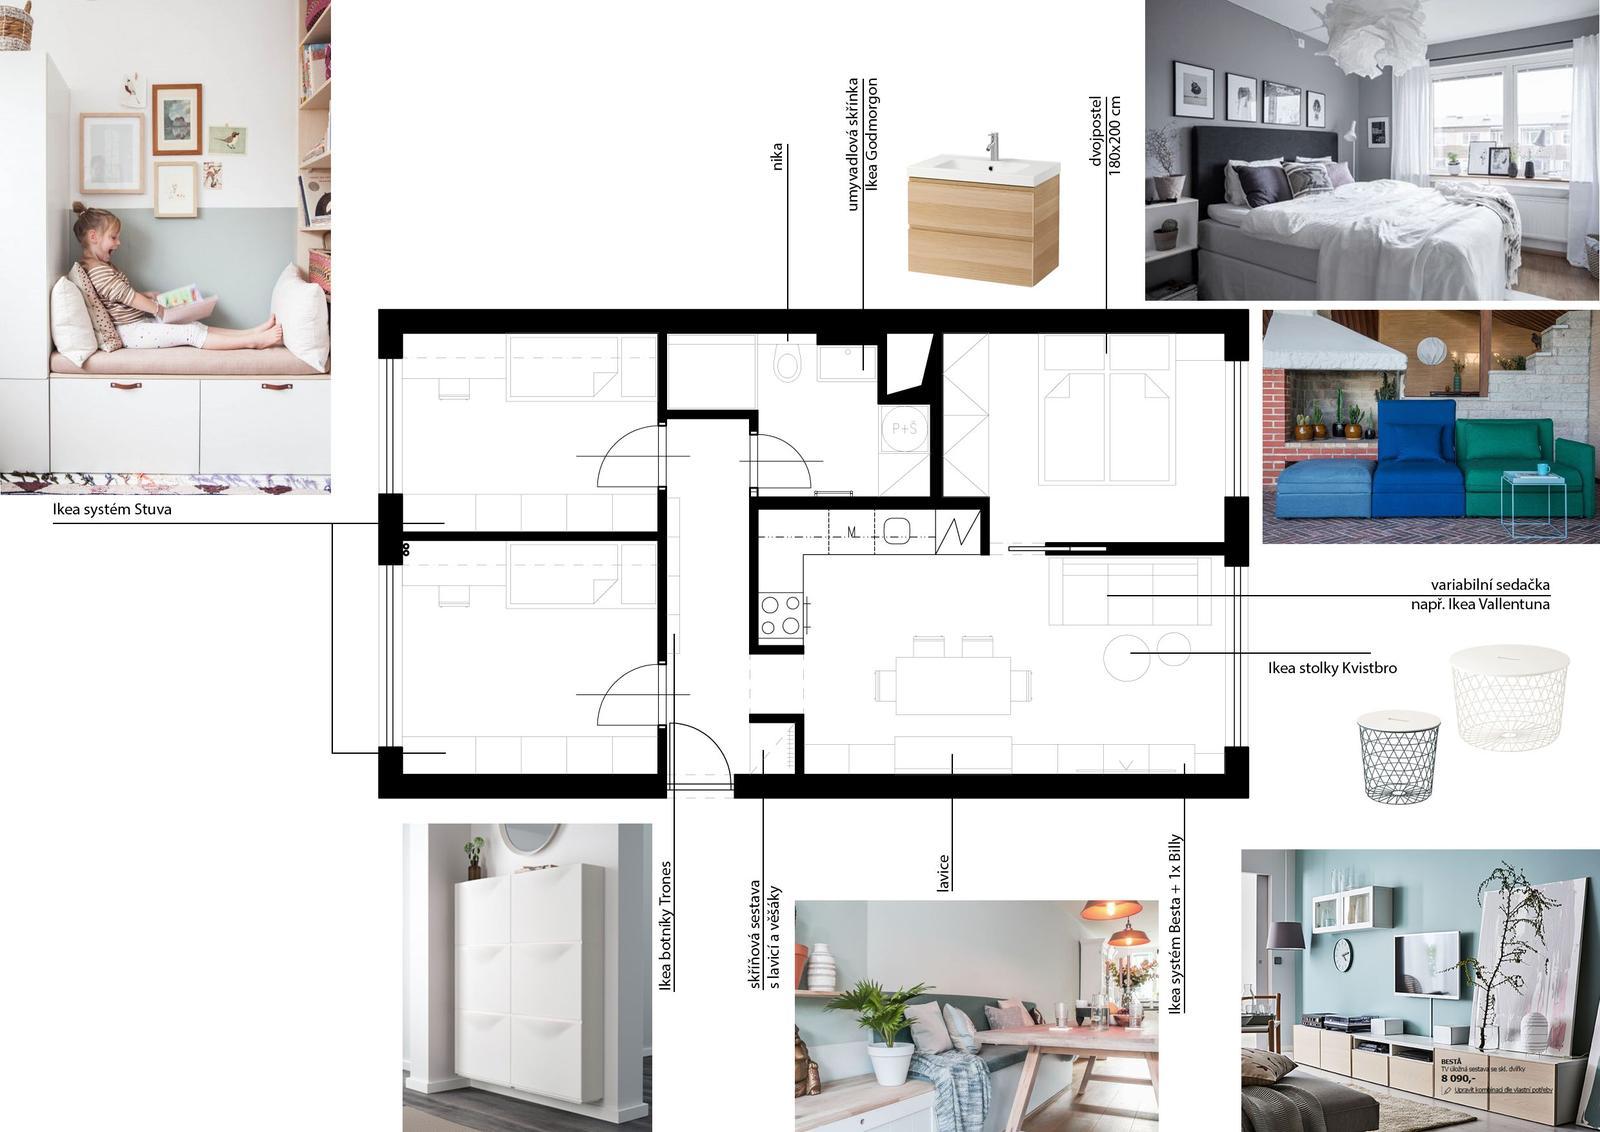 Obýváky - 4+kk na 60 m2